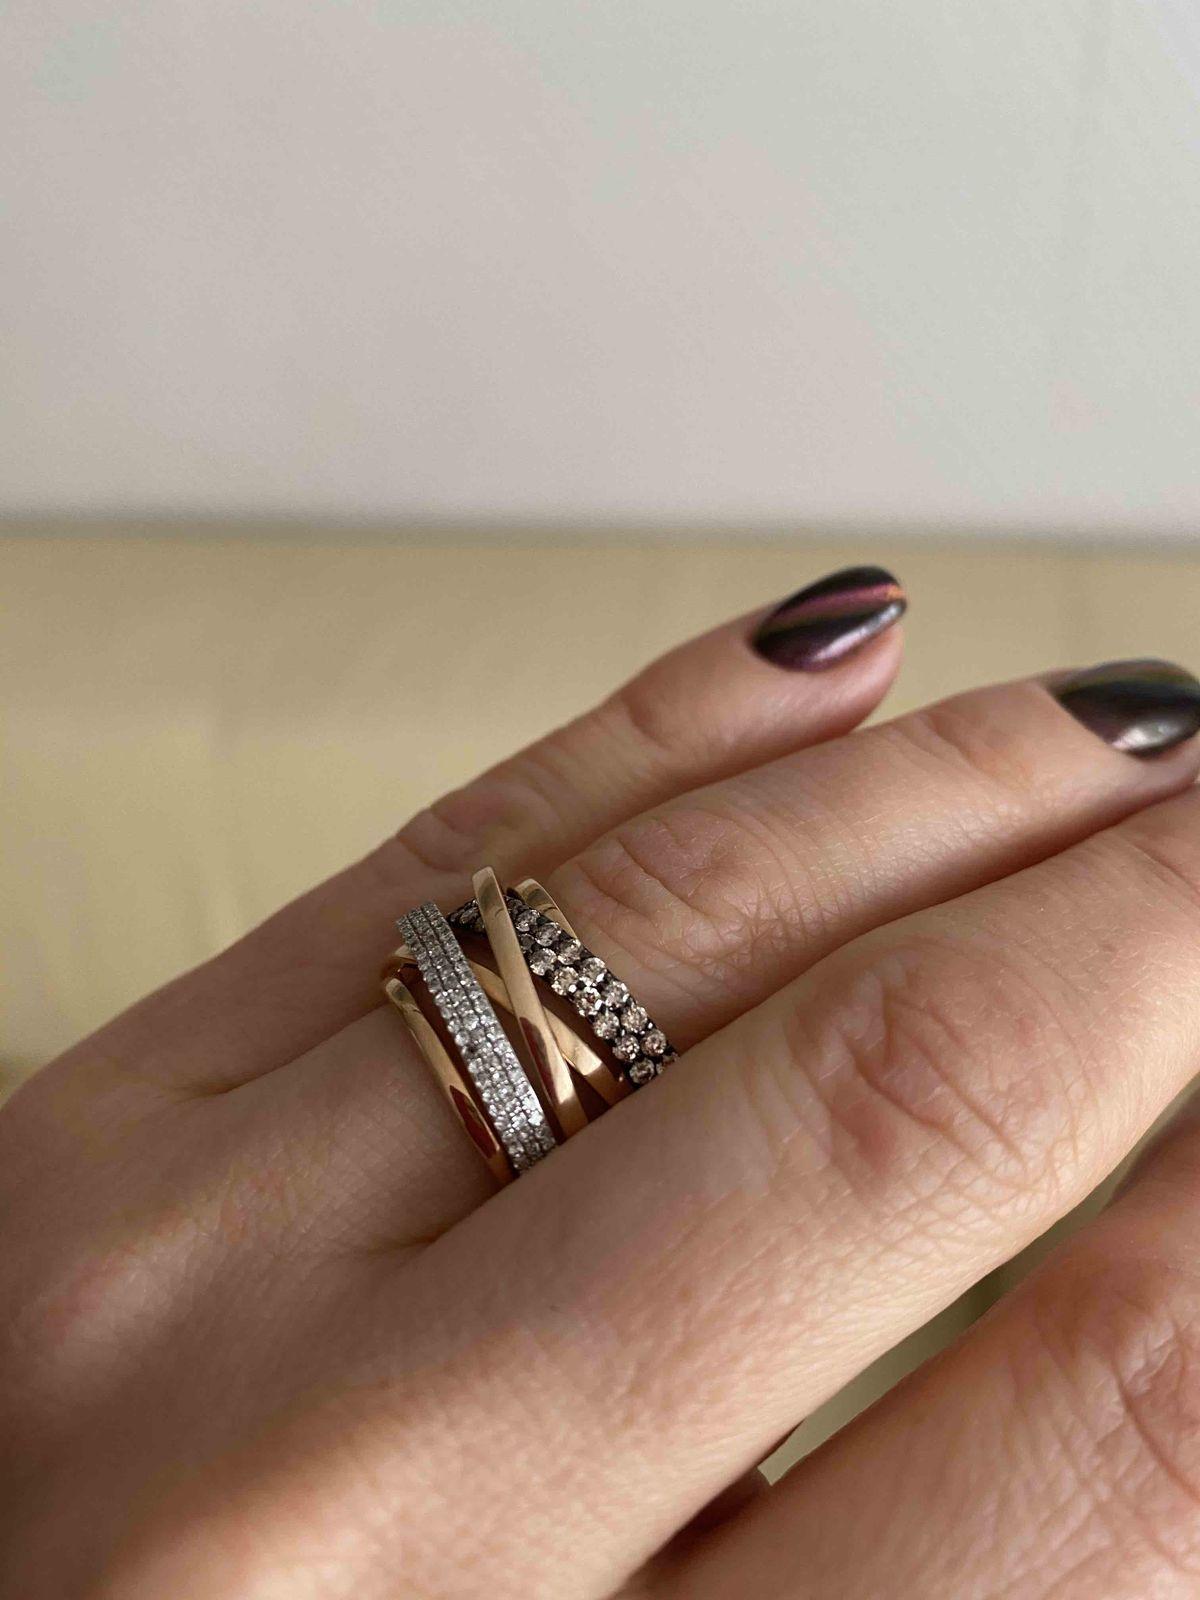 Красывое кольцо с выпадающими камнями